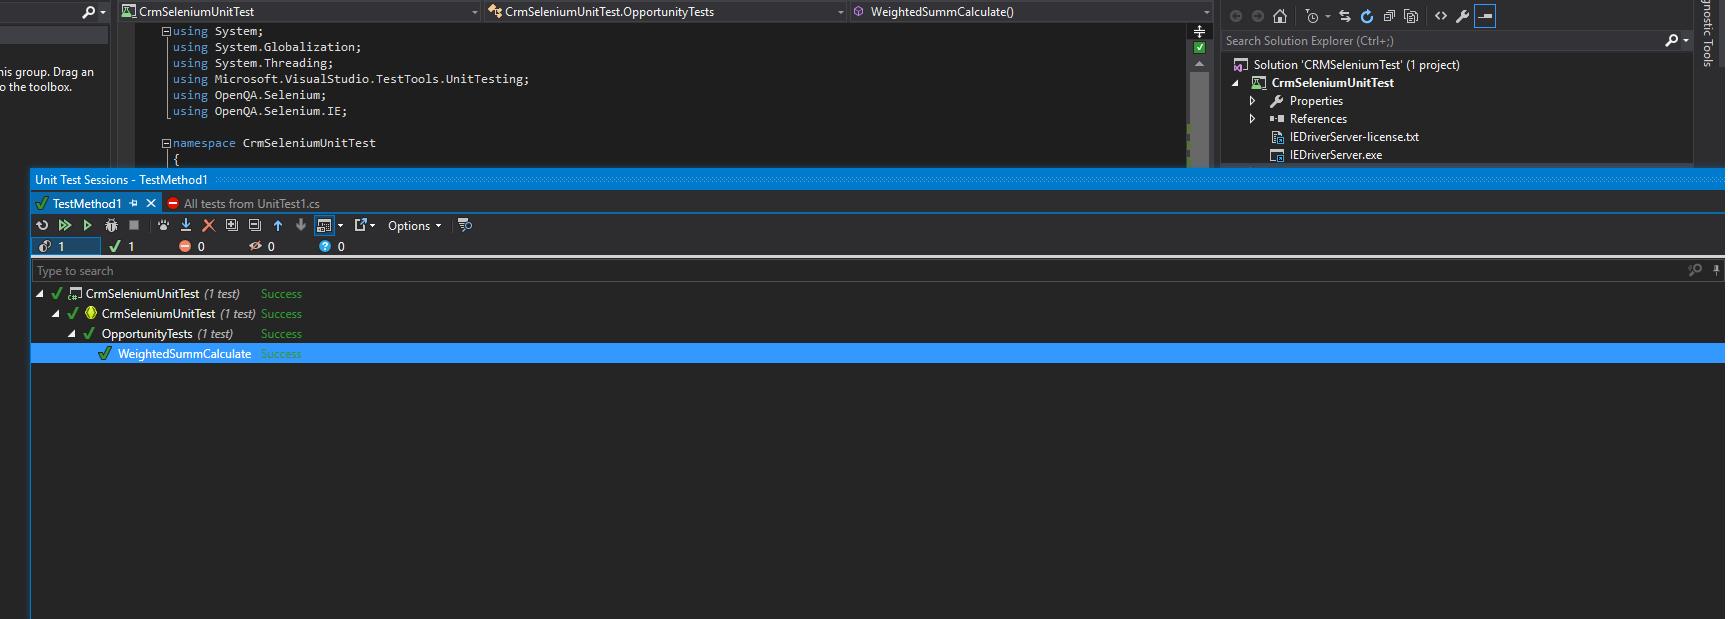 Применение Selenium WebDriver для тестирования MS Dynamics CRM - 3